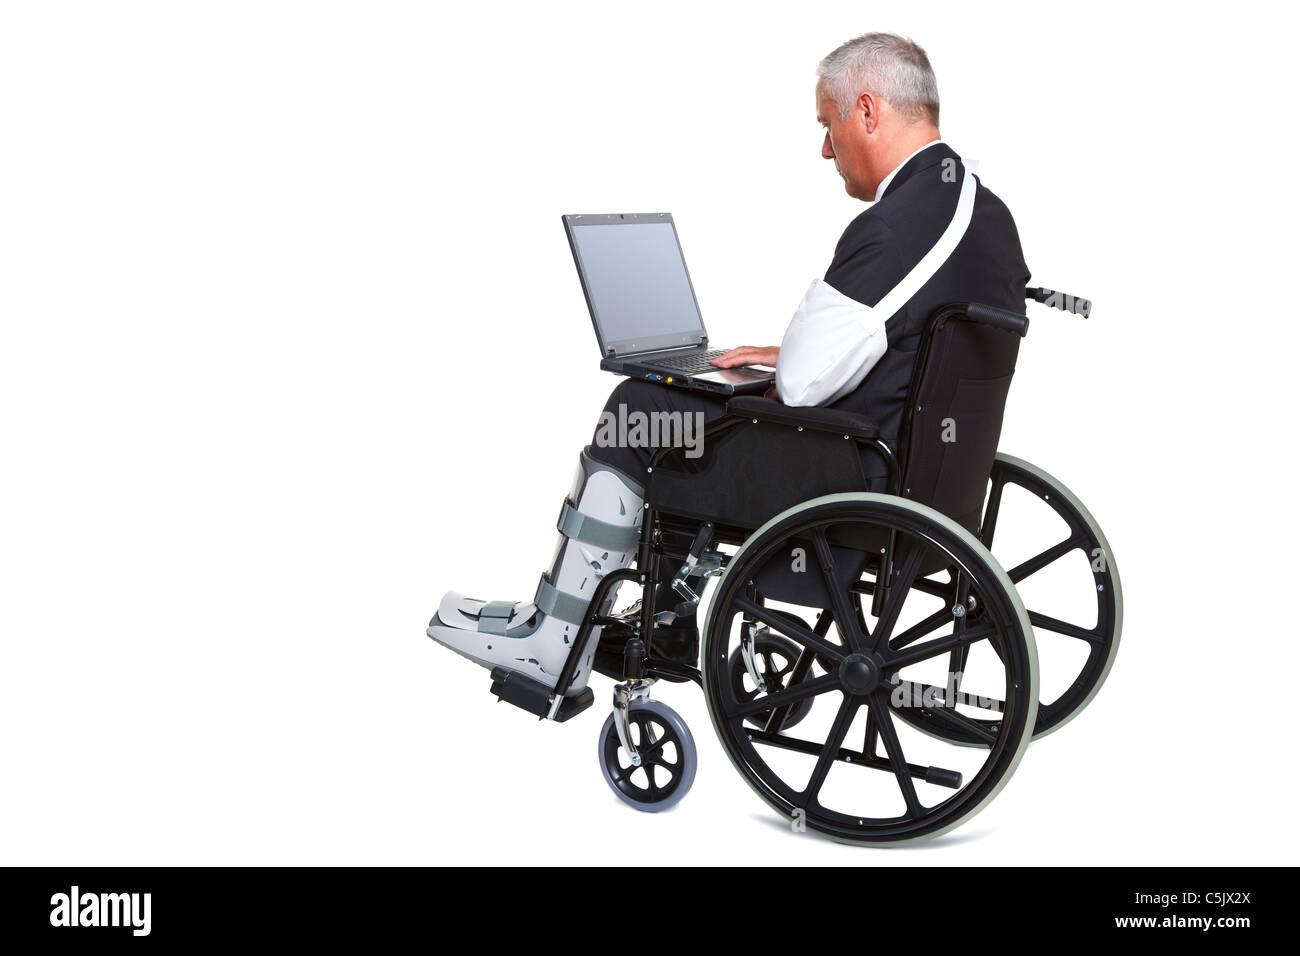 Foto von einem verletzten Geschäftsmann sitzt in einem Rollstuhl arbeitet an einem Laptop-Computer, auf dem Stockbild